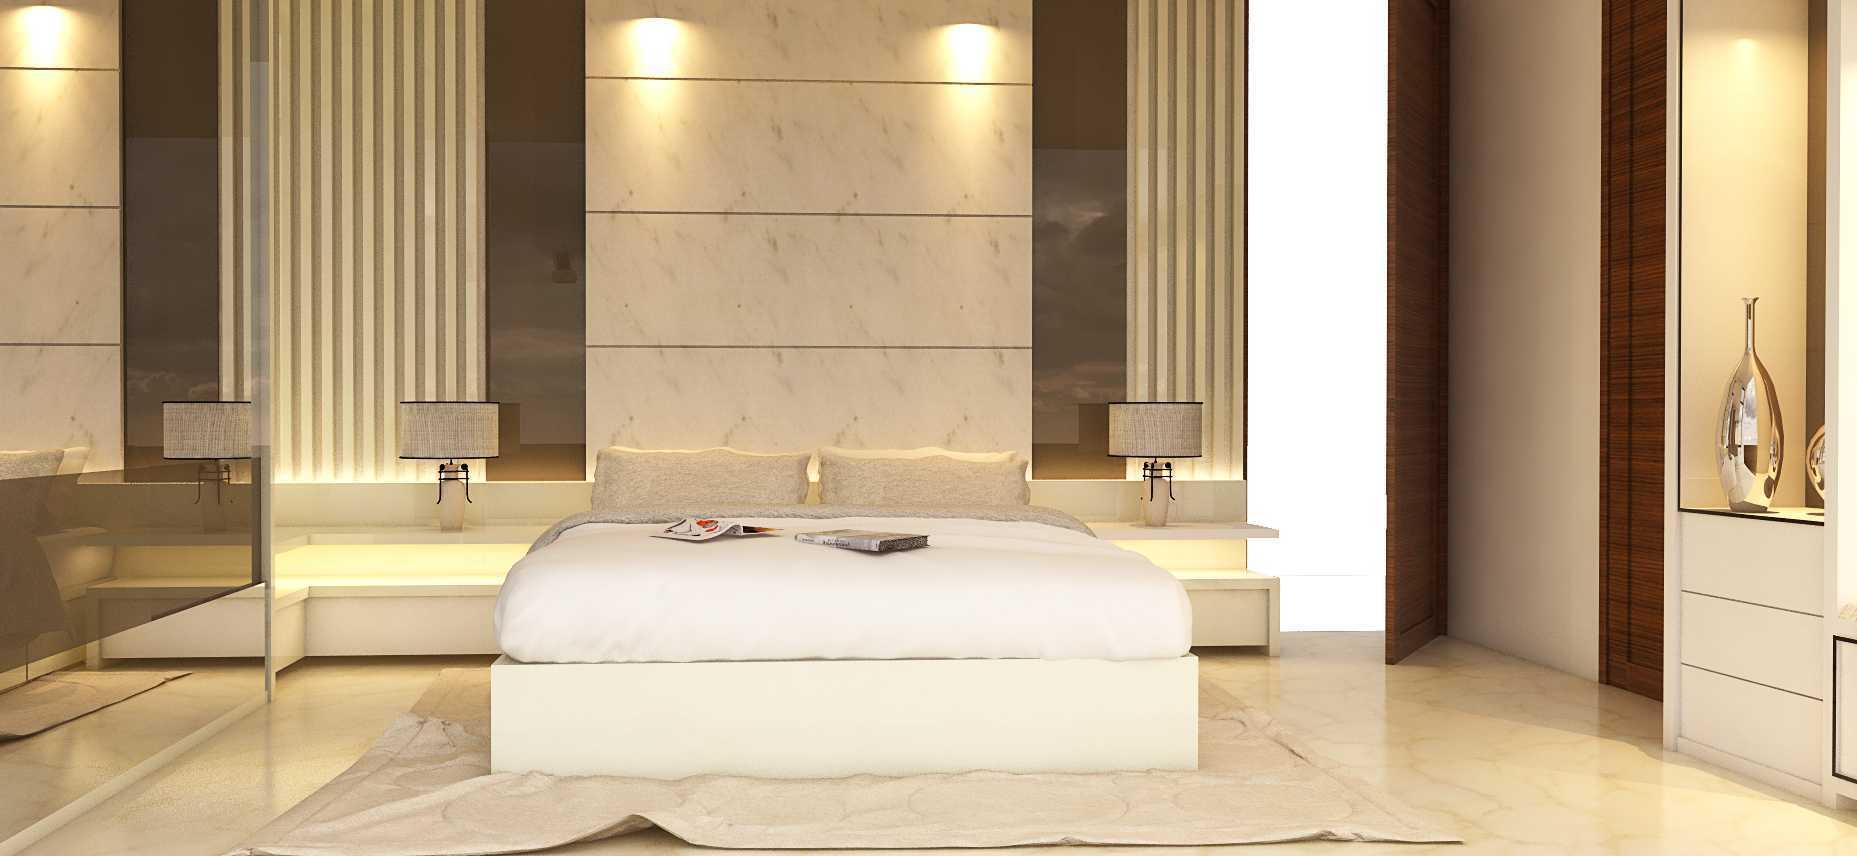 Sabio Design Classic White Bedroom Design - Dago Nirwana Bandung Dago, Kecamatan Coblong, Kota Bandung, Jawa Barat, Indonesia Dago, Kecamatan Coblong, Kota Bandung, Jawa Barat, Indonesia Sabio-Design-Classic-White-Bedroom-Design-Dago-Nirwana-Bandung  119916